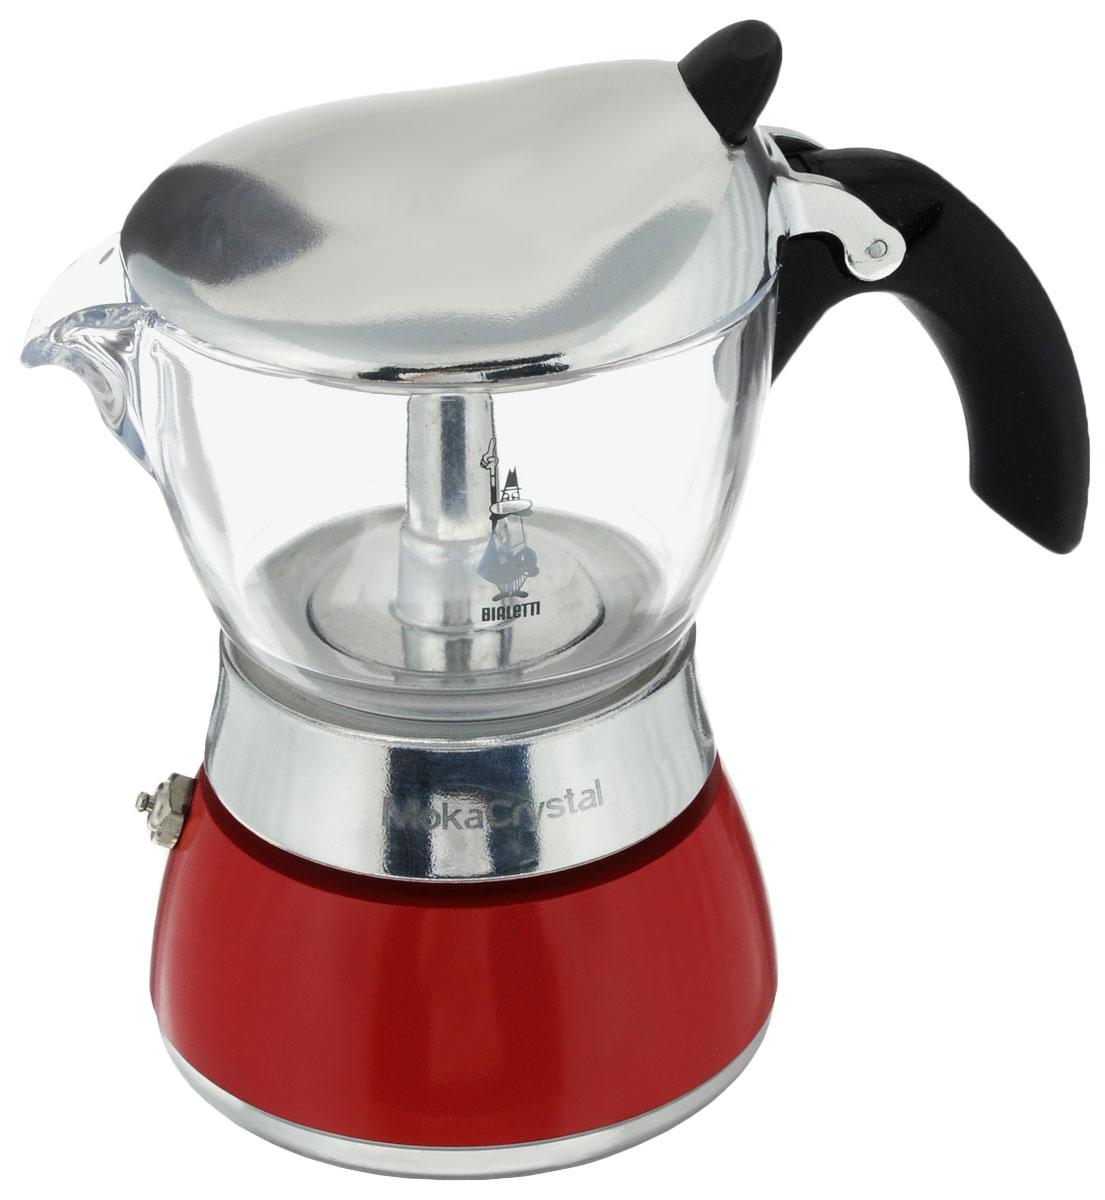 Кофеварка гейзерная Bialetti Moka Crystal, цвет: красный, прозрачный, на 3 чашки4012Компактная гейзерная кофеварка Bialetti Moka Crystal изготовлена из высококачественного алюминия. С помощью прозрачного стекла верхней части вам удобно будет наблюдать за процессом приготовления эспрессо. Объема кофе хватает на 3 чашки. Изделие оснащено удобной ручкой из бакелита. Принцип работы такой гейзерной кофеварки - кофе заваривается путем многократного прохождения горячей воды или пара через слой молотого кофе. Удобство кофеварки в том, что вся кофейная гуща остается во внутренней емкости. Гейзерные кофеварки пользуются большой популярностью благодаря изысканному аромату. Кофе получается крепкий и насыщенный. Теперь и дома вы сможете насладиться великолепным эспрессо. Подходит для газовых, электрических и стеклокерамических плит. Нельзя мыть в посудомоечной машине. Высота (с учетом крышки): 15,5 см.